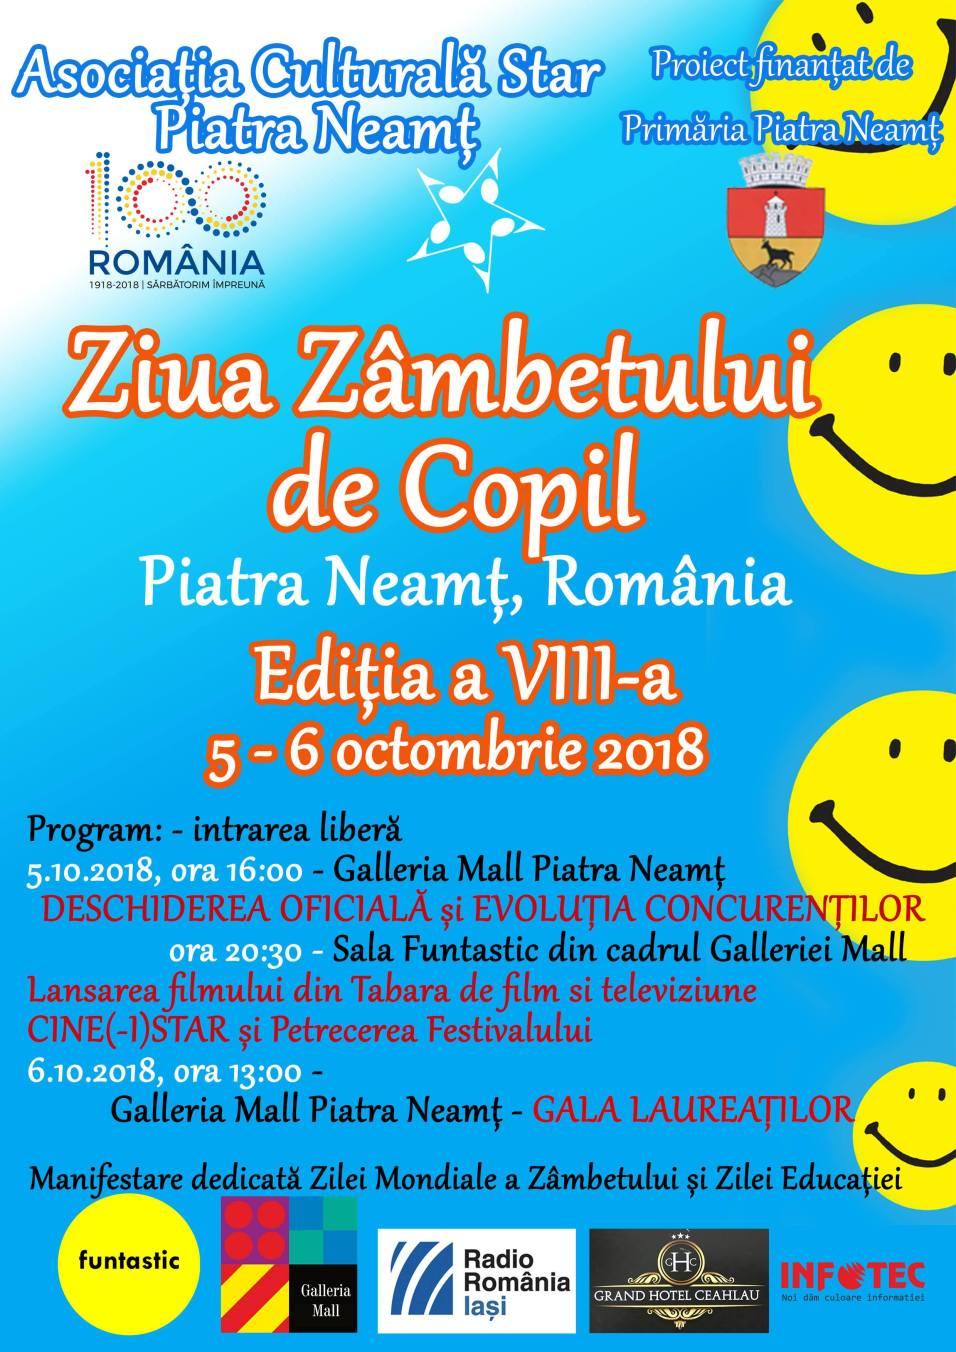 AFIS ZIUA ZAMBETULUI DE COPIL